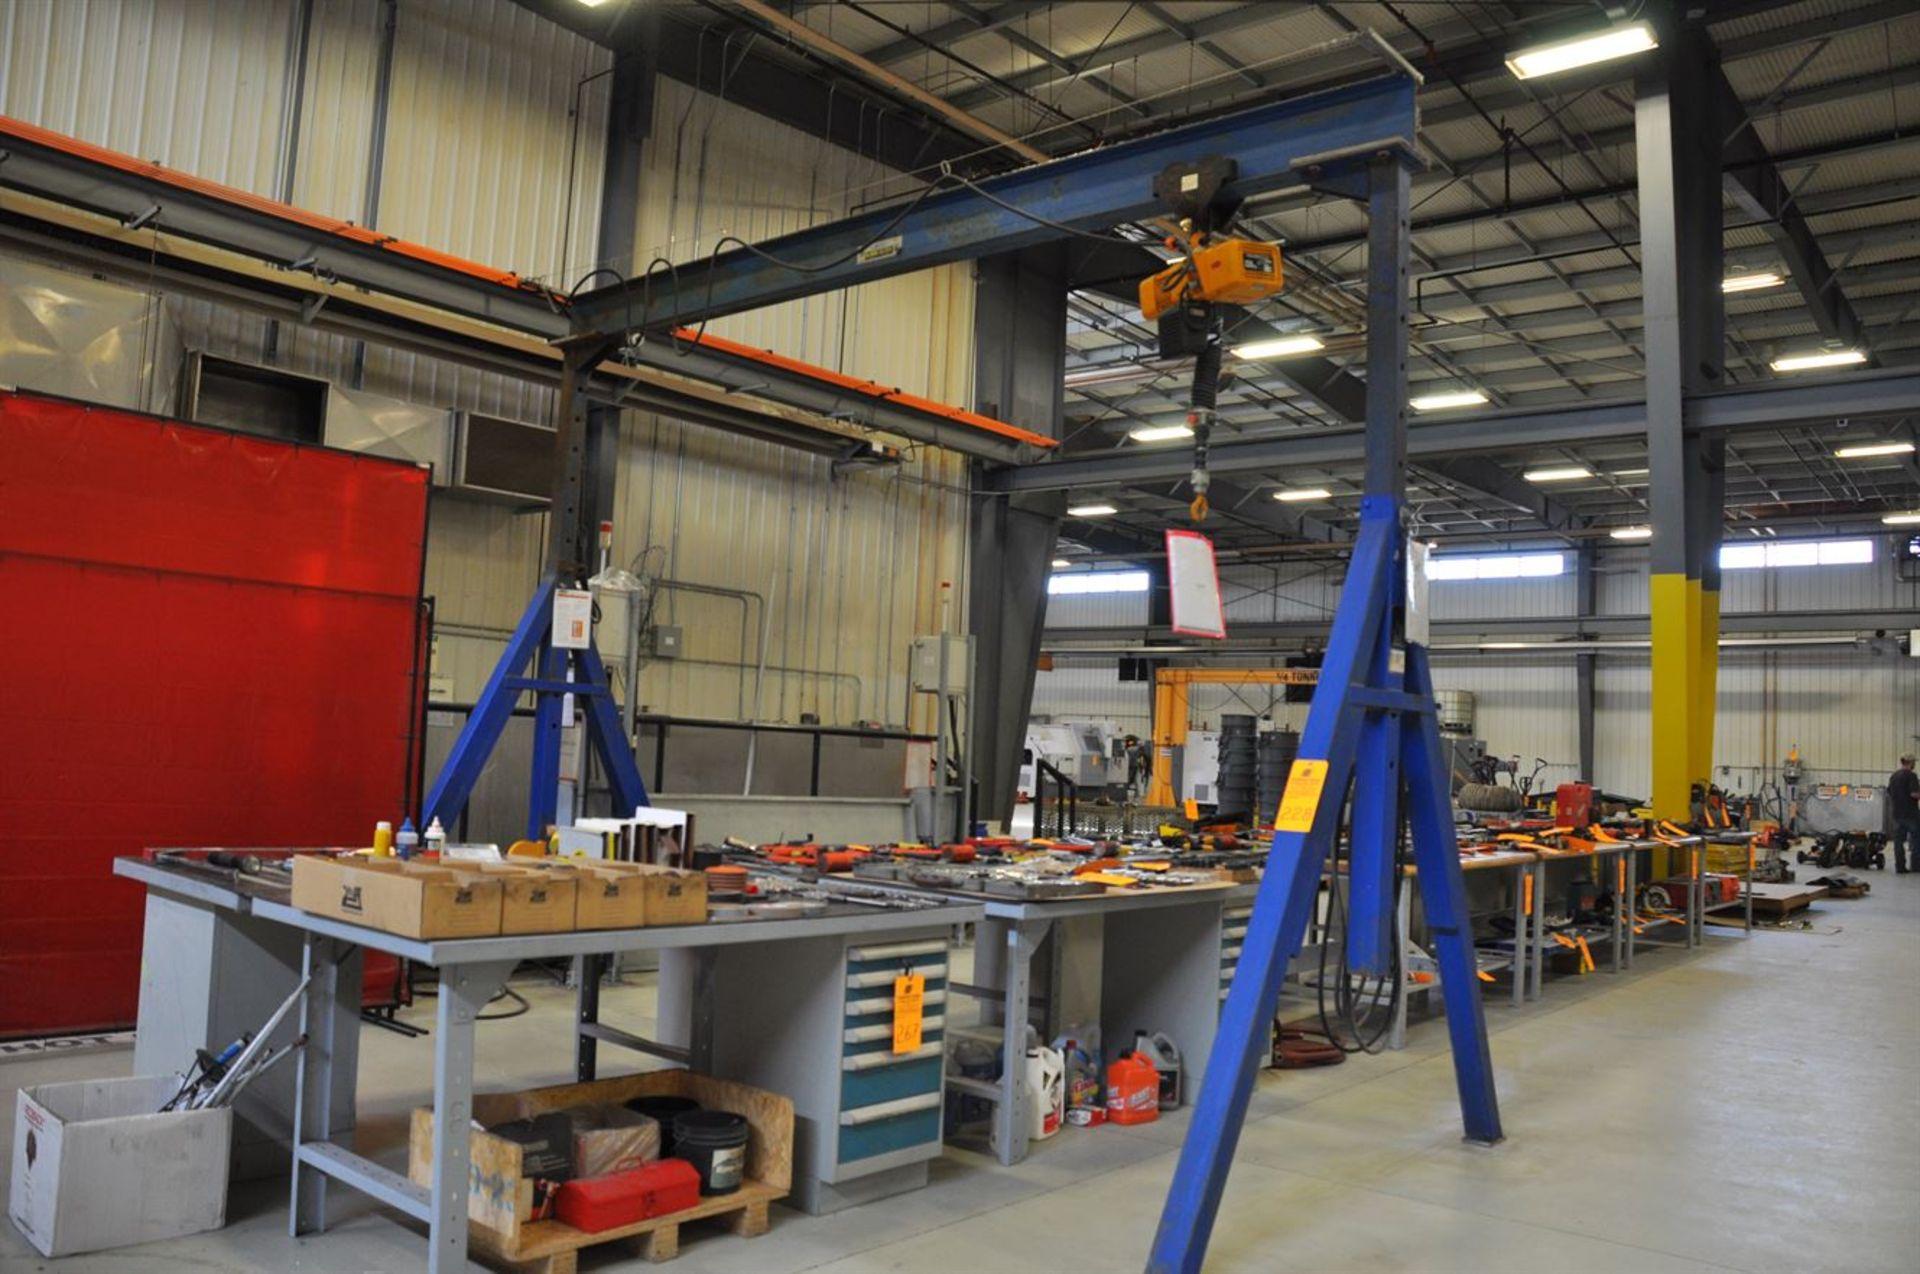 VESTIL 6000 lb Gantry Crane, adjustable height 200 to 400 cm, 420 cm wide base, w/ KITO 250 kg